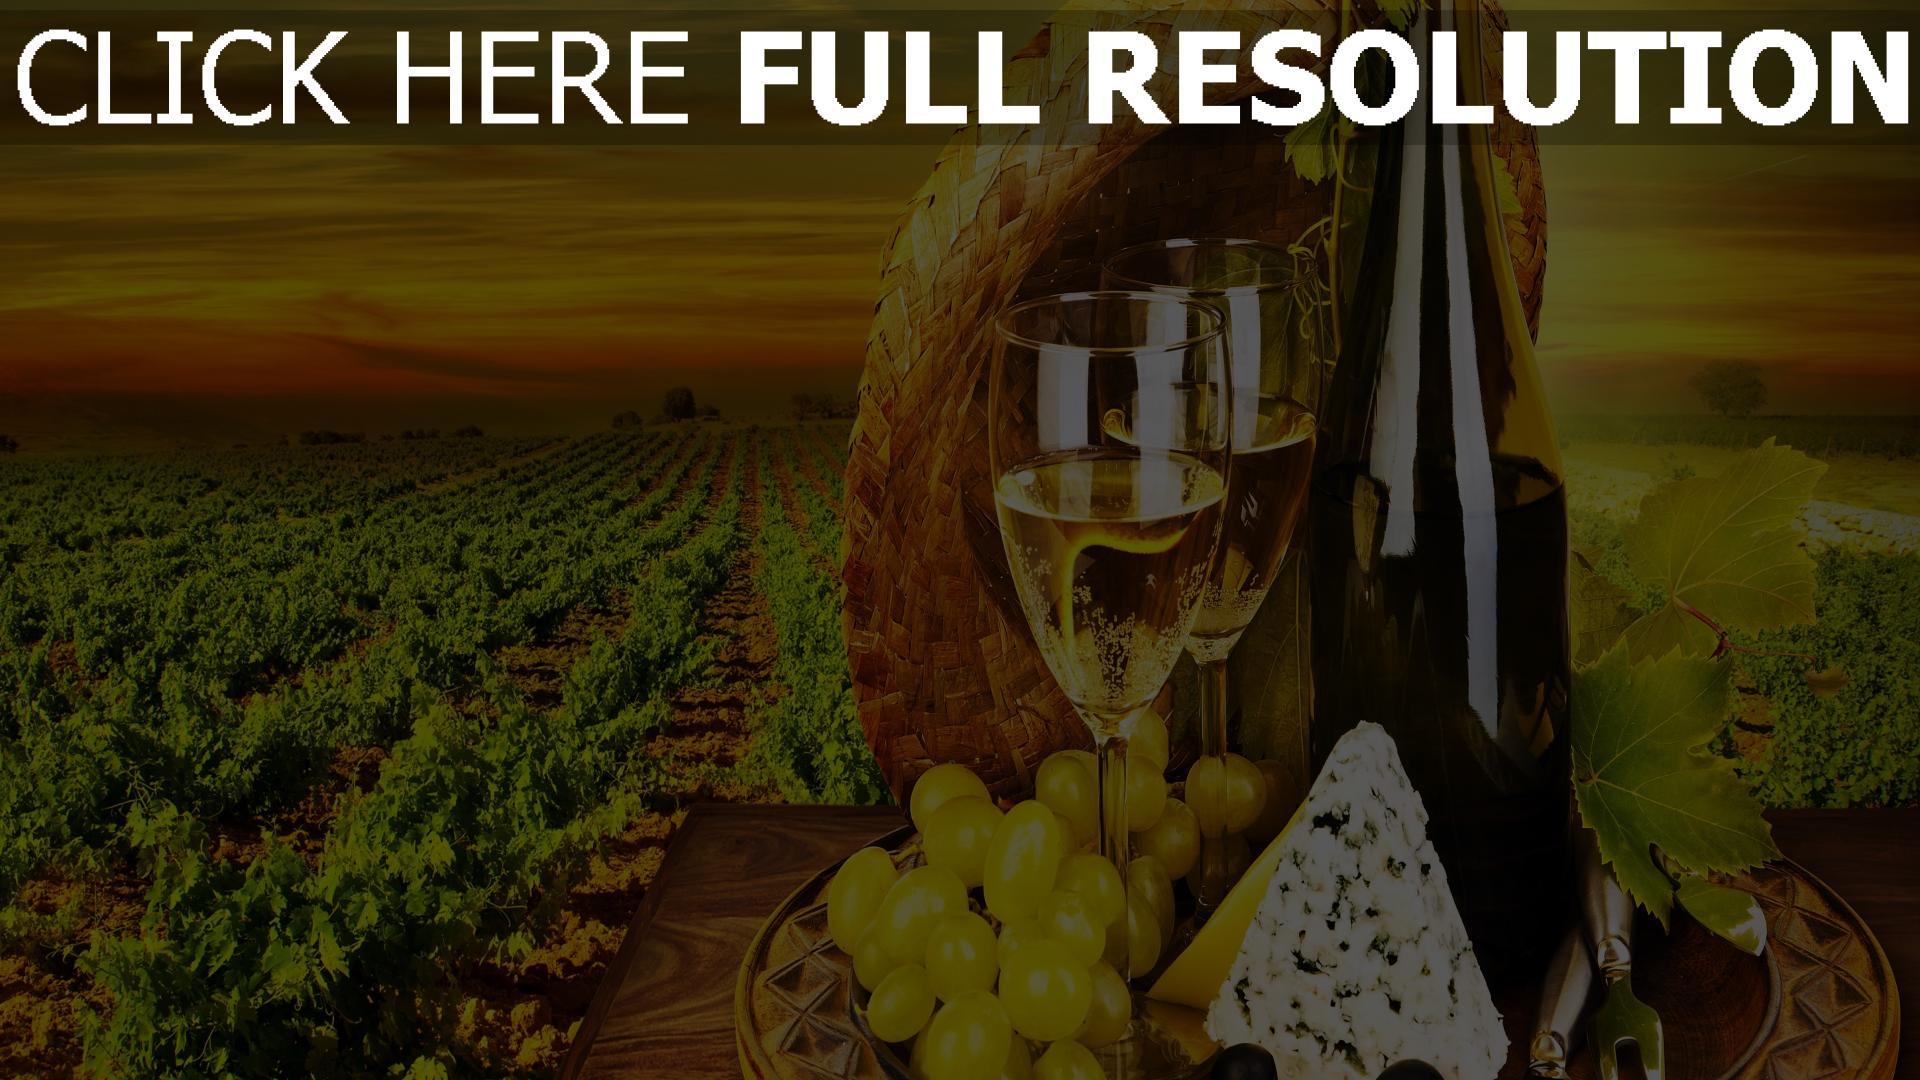 fond d'écran 1920x1080 vin bouteille raisins champ nature morte